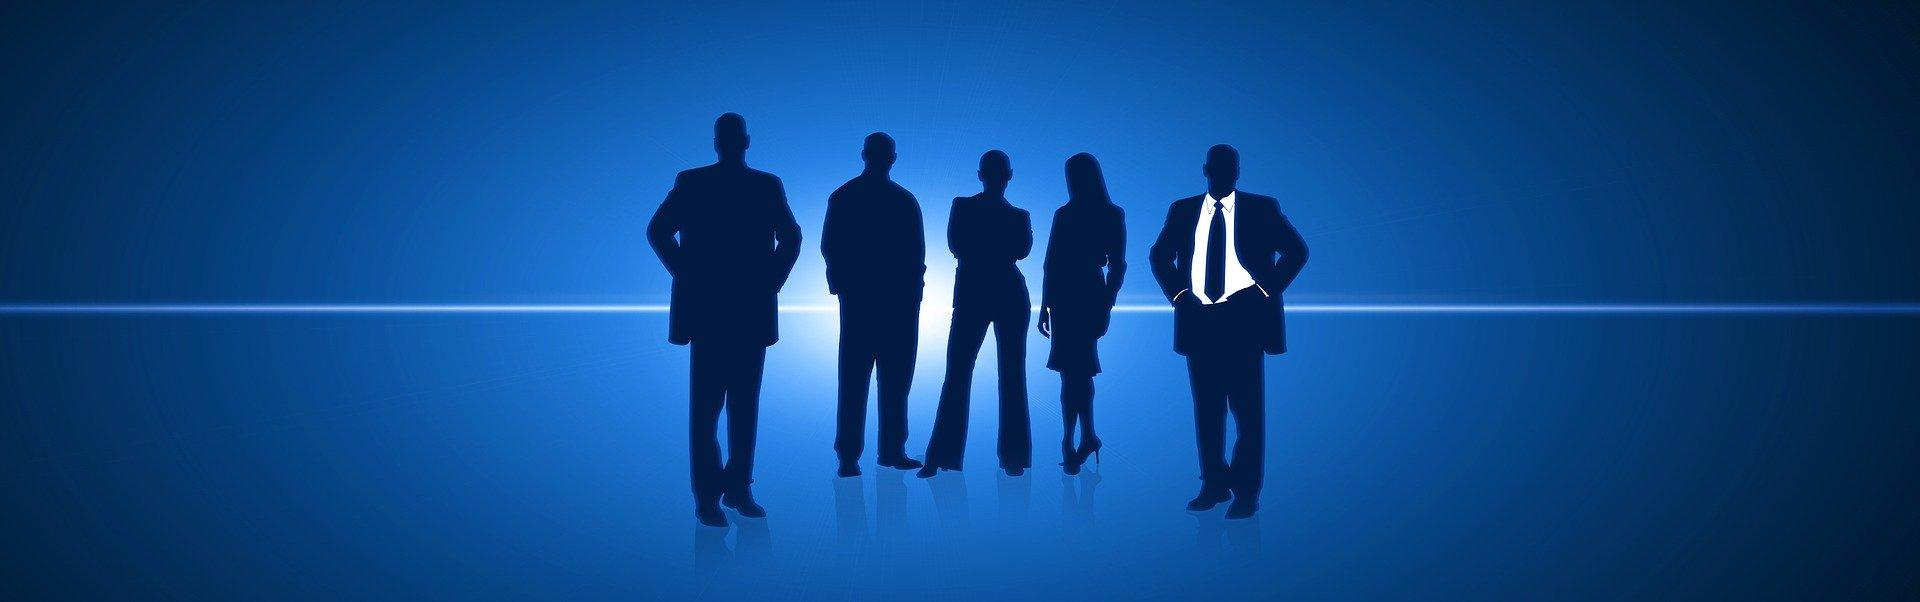 CAS CLIENT : Recruter le PDG d'une entreprise familiale